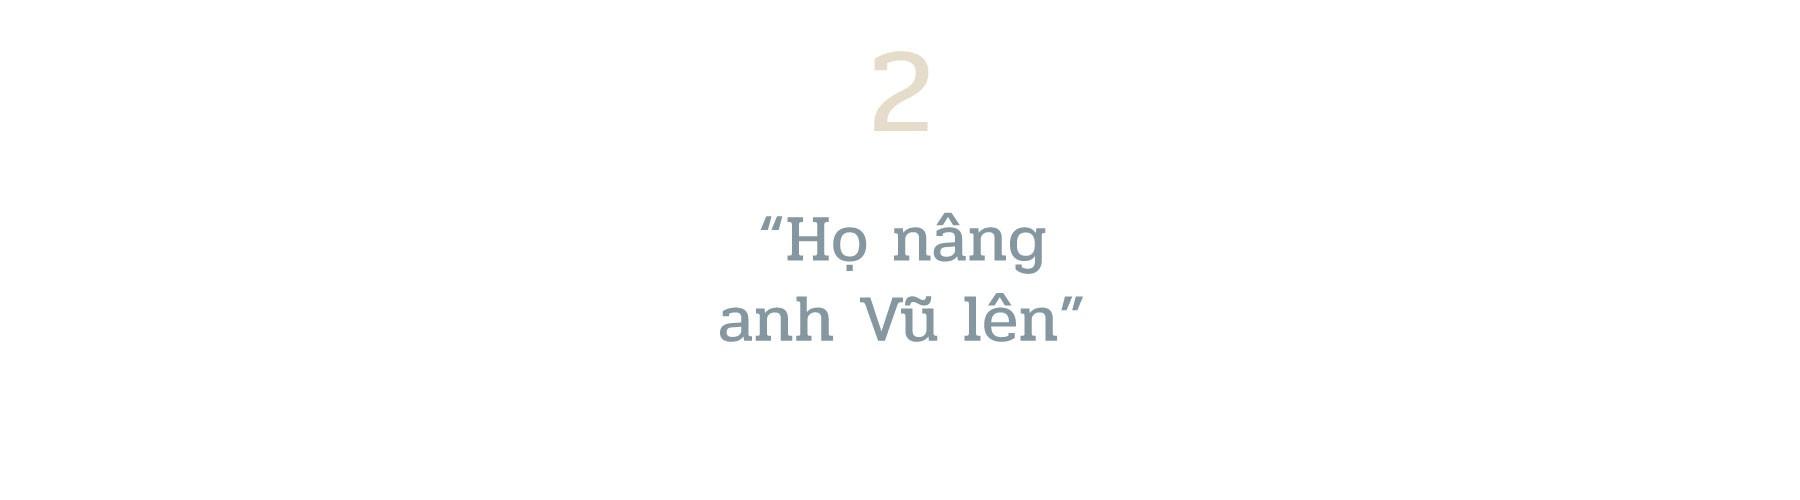 Bà Lê Hoàng Diệp Thảo: Trung Nguyên là nhà, tôi phải trở về - Ảnh 7.